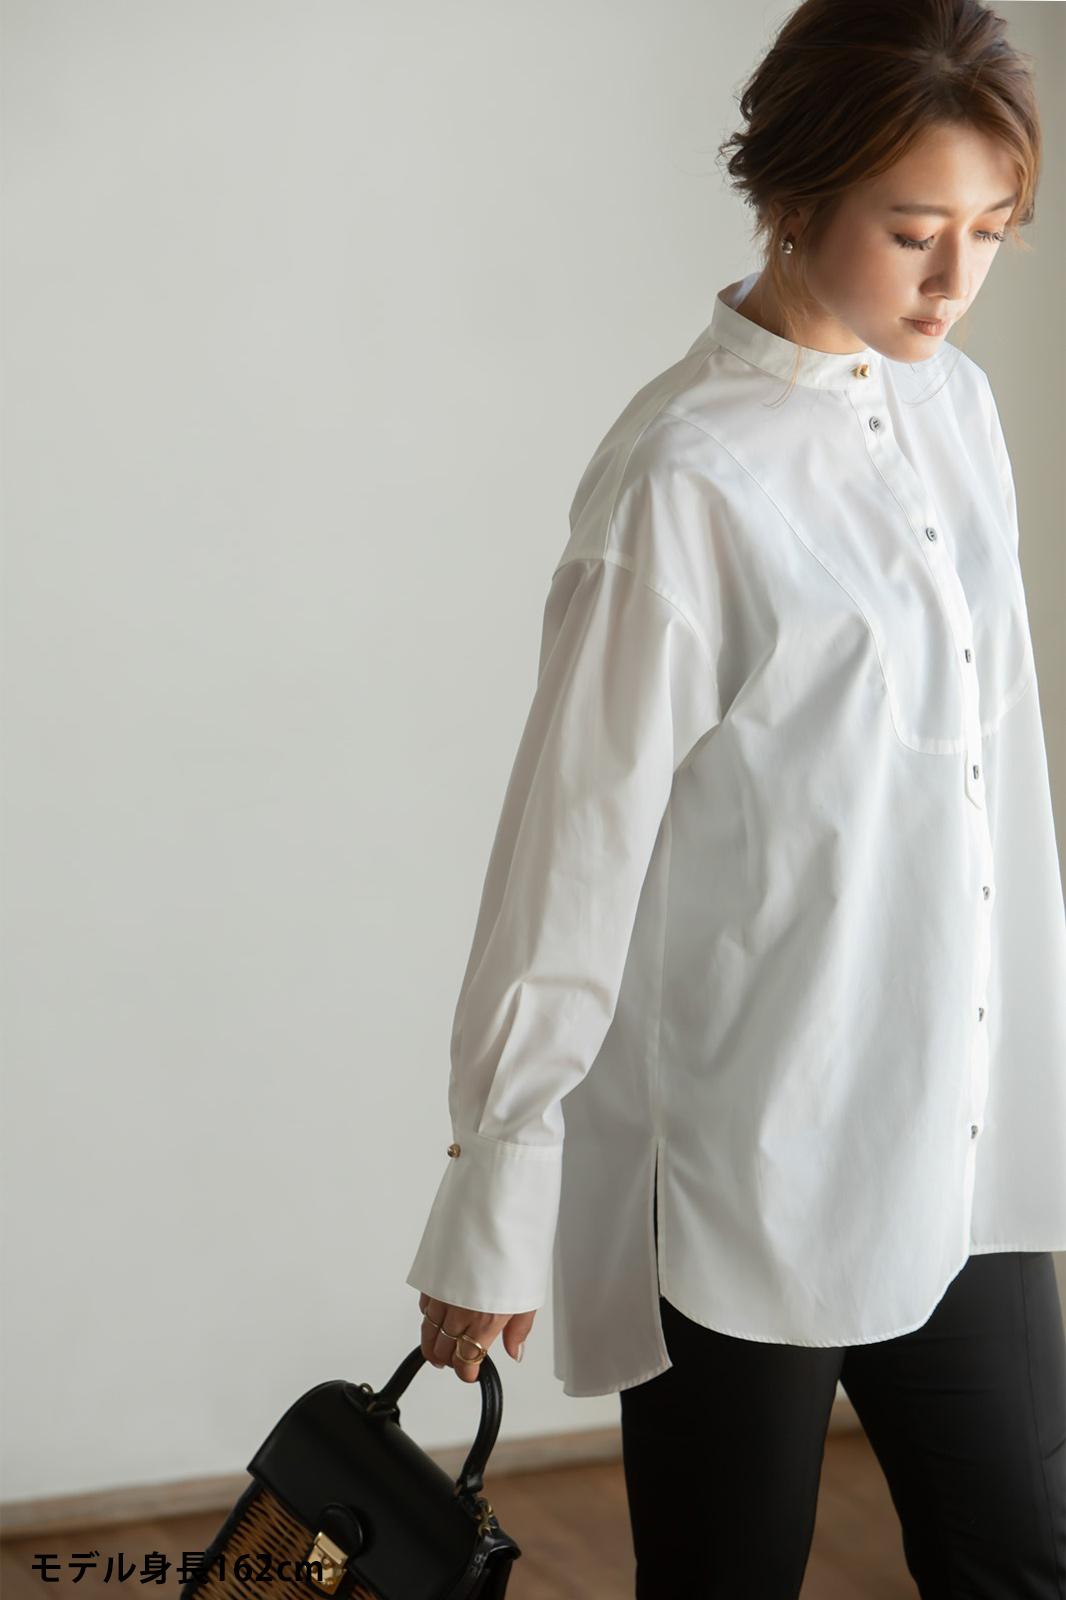 【VERY10月号掲載商品】スタンドカラーオーバーブラウス ホワイト